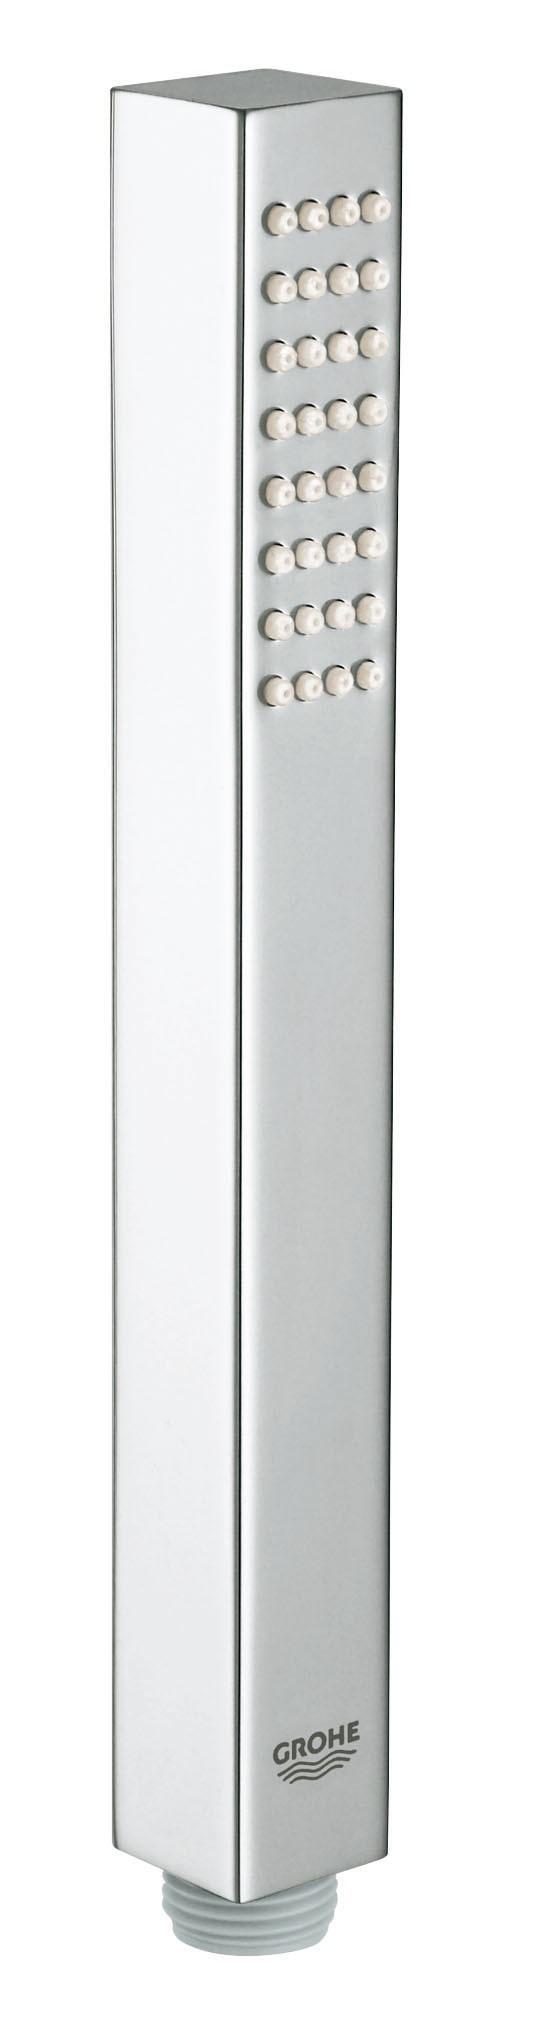 Ручной душ Grohe 27884001 Euphoria Cube+ (1 режим), хром (27884001)